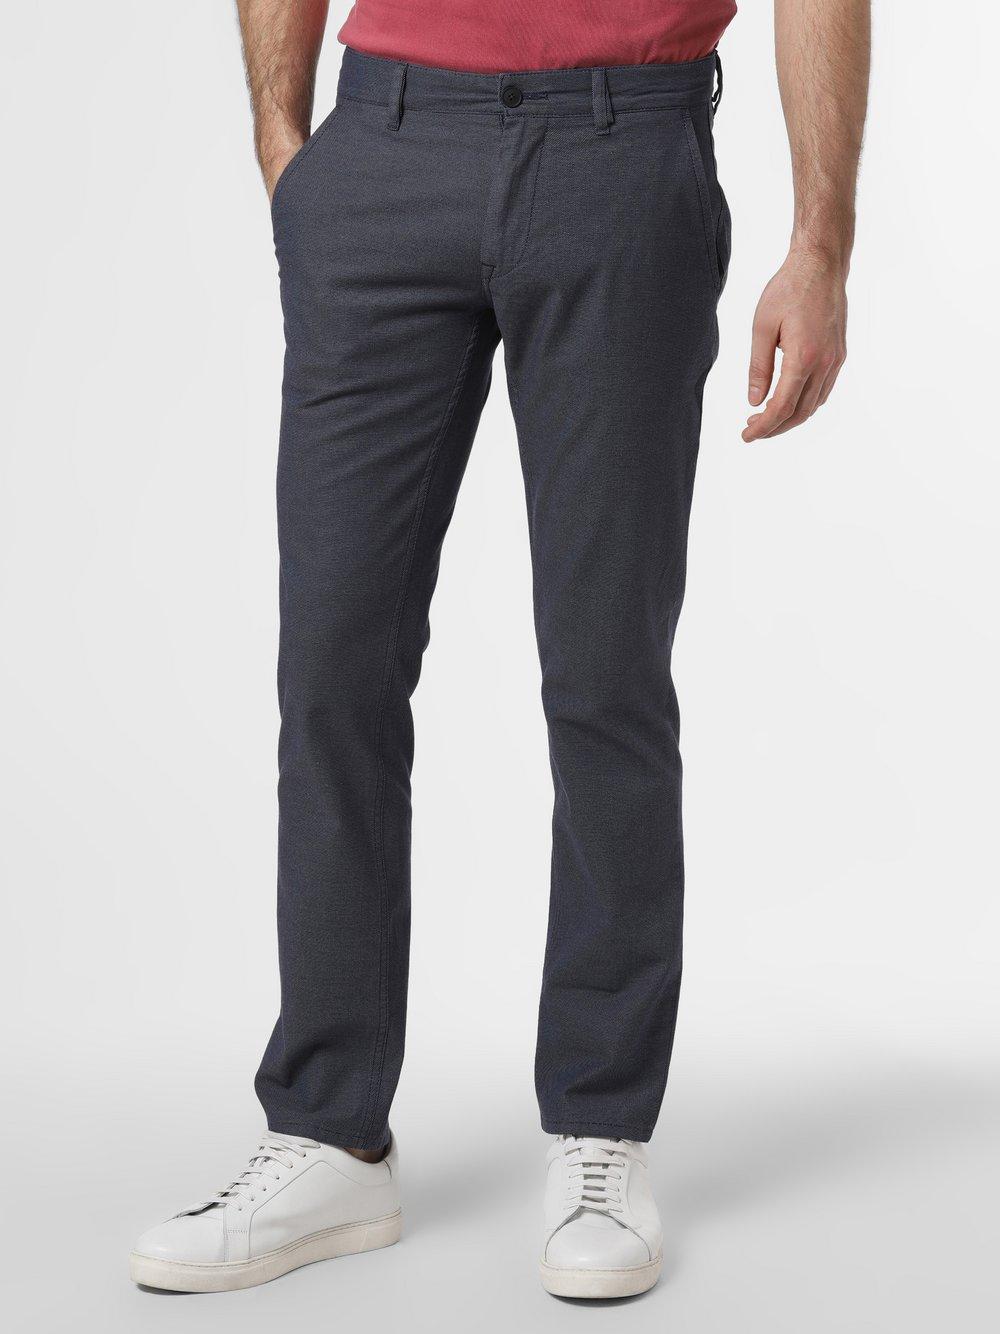 BOSS Casual – Chinosy męskie – Schino-Slim, niebieski Van Graaf 460330-0001-03232